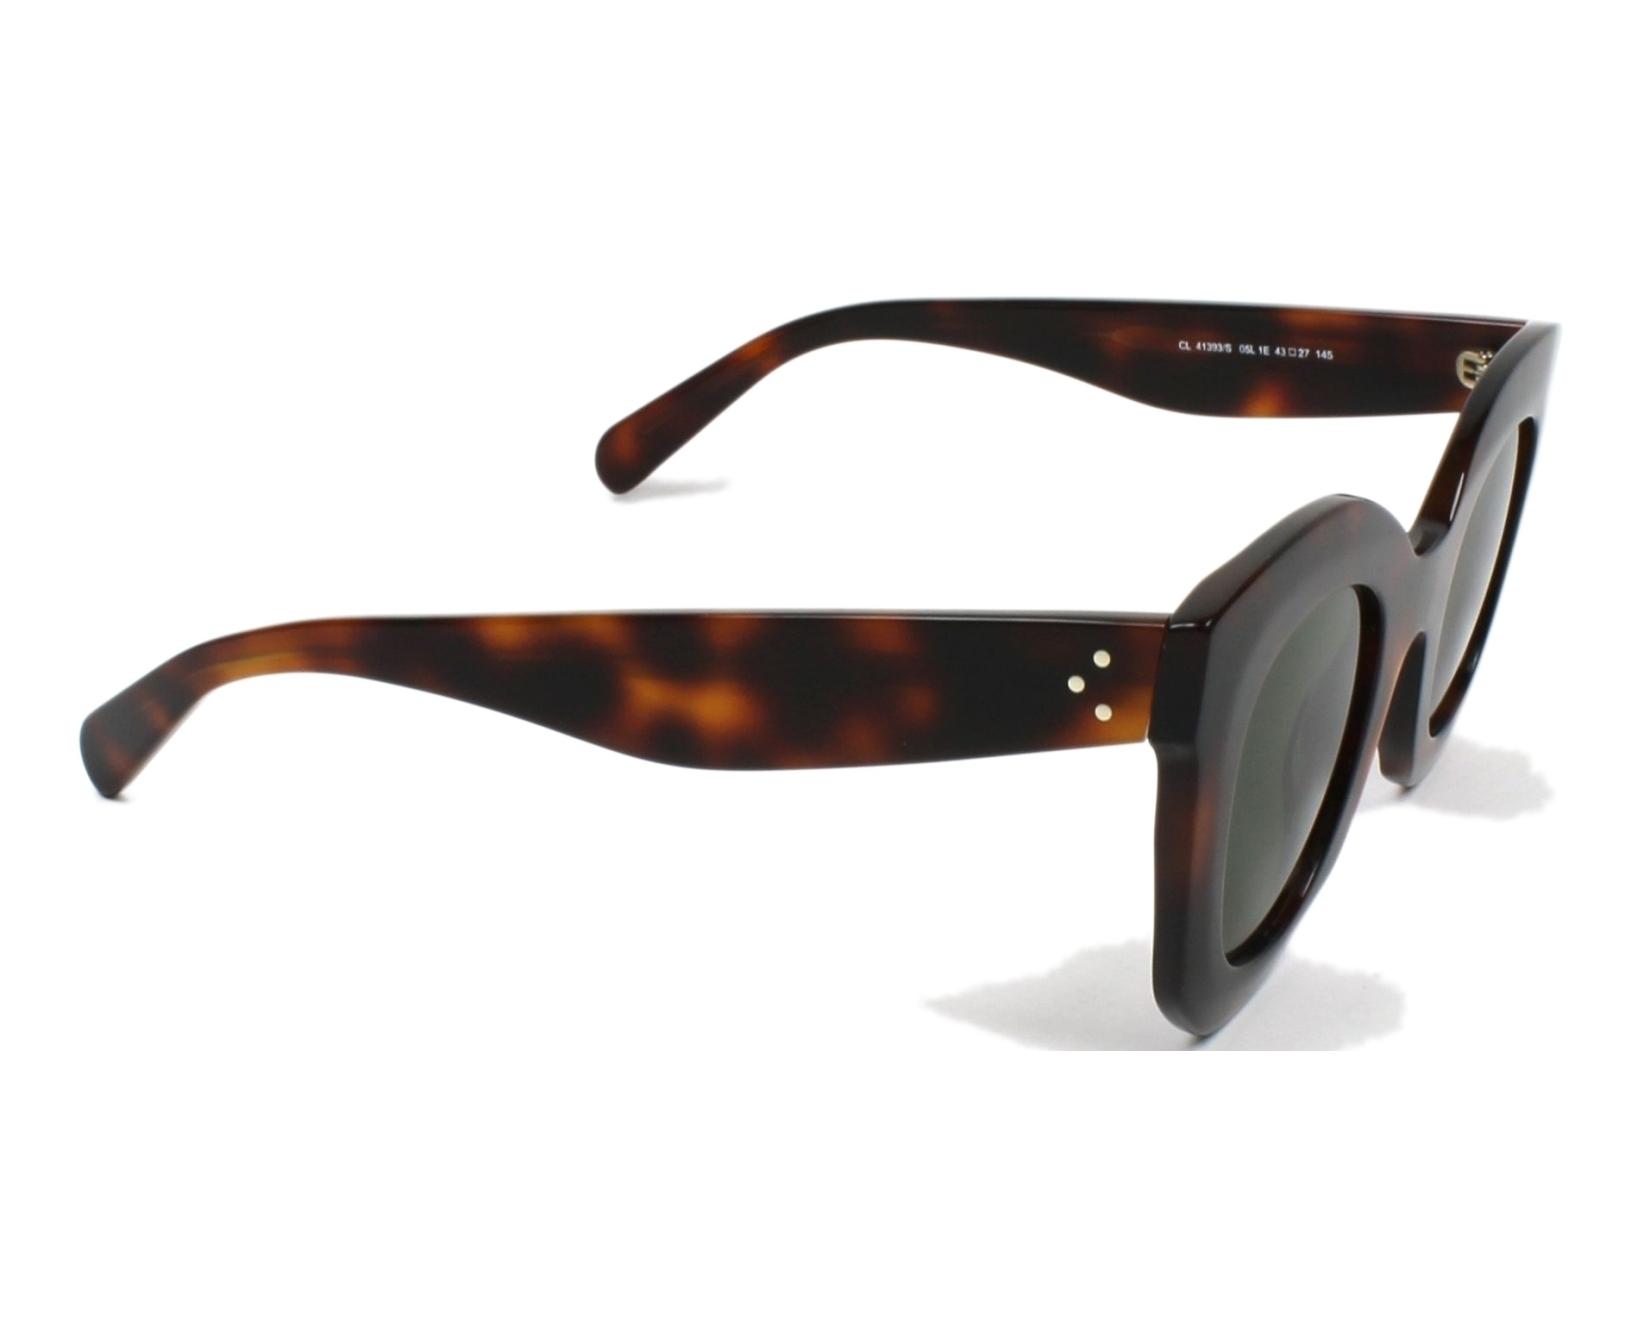 2d95a8eaf8 thumbnail Sunglasses Céline CL-41393-S 05L 1E - Havana side view